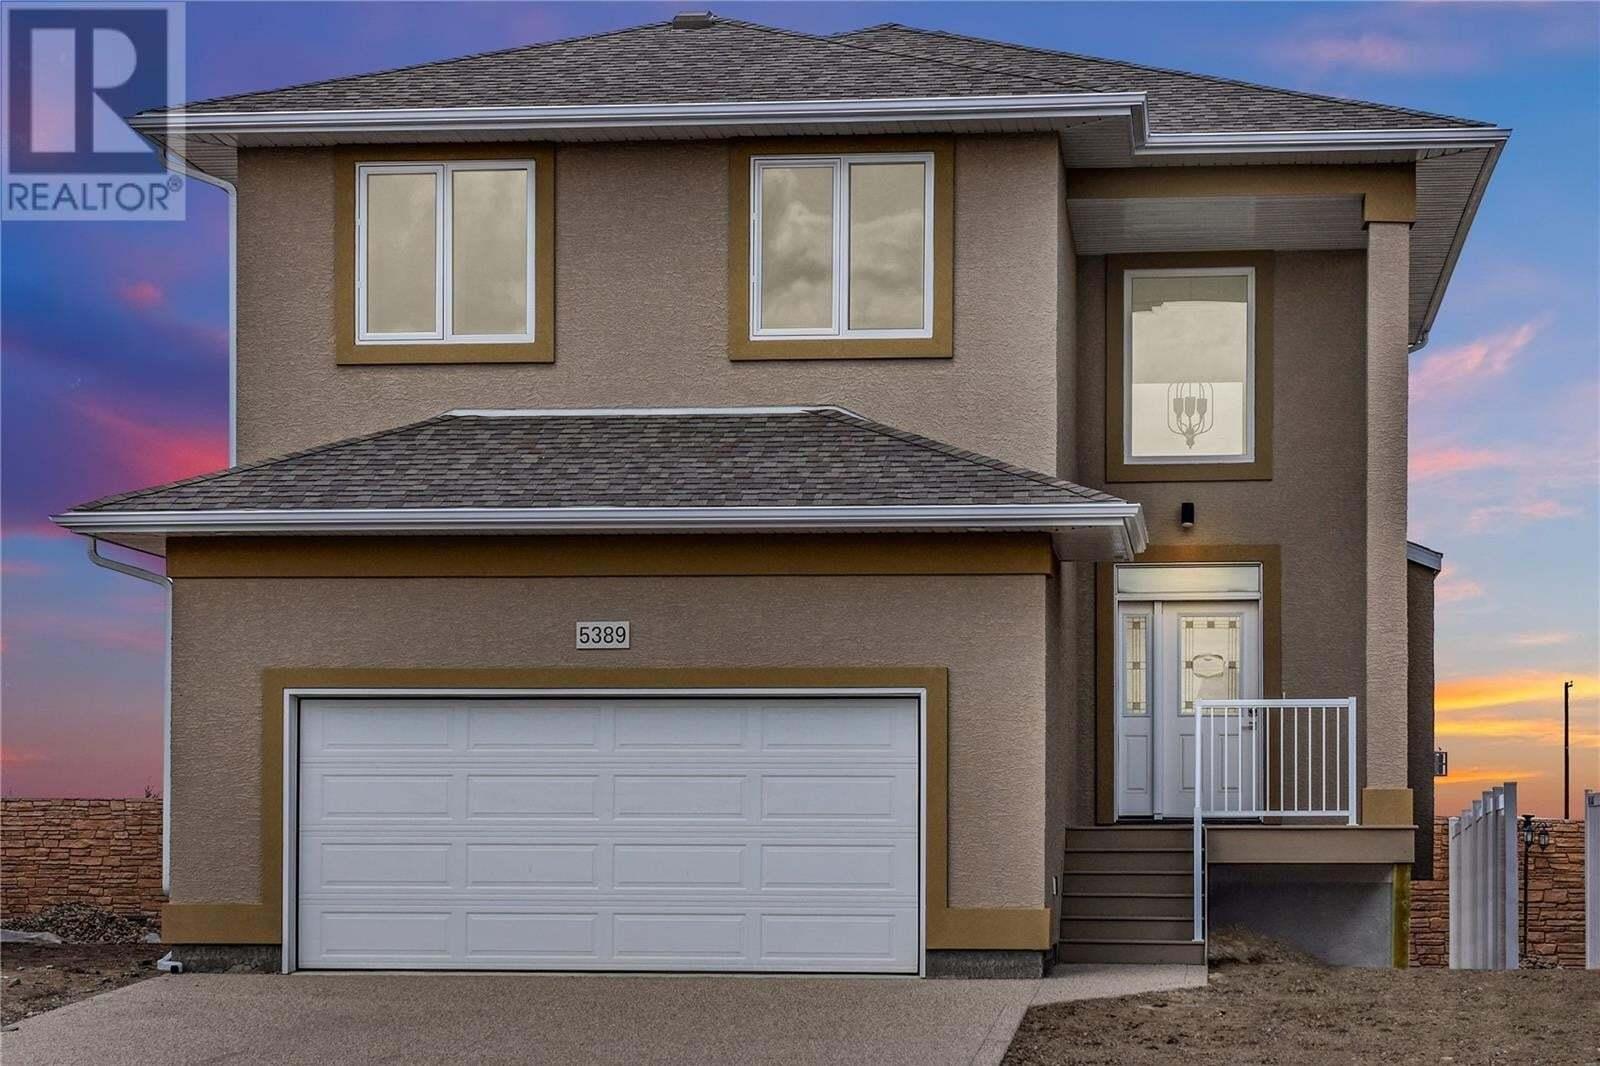 House for sale at 5389 Mckenna Cres Regina Saskatchewan - MLS: SK821133